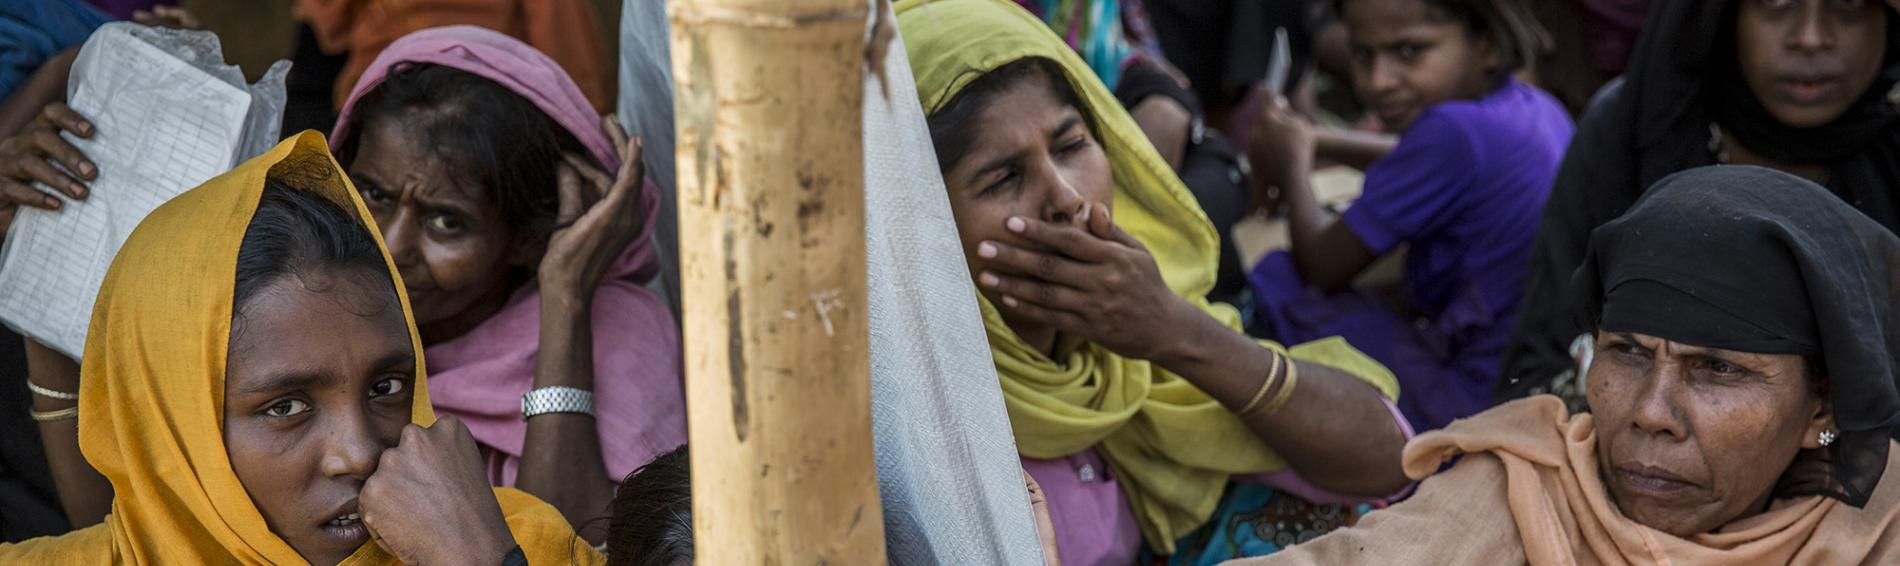 Viele Rohingya leben in Hütten, die kaum Schutz vor dem Monson bieten. Foto: Arnaud Finistre